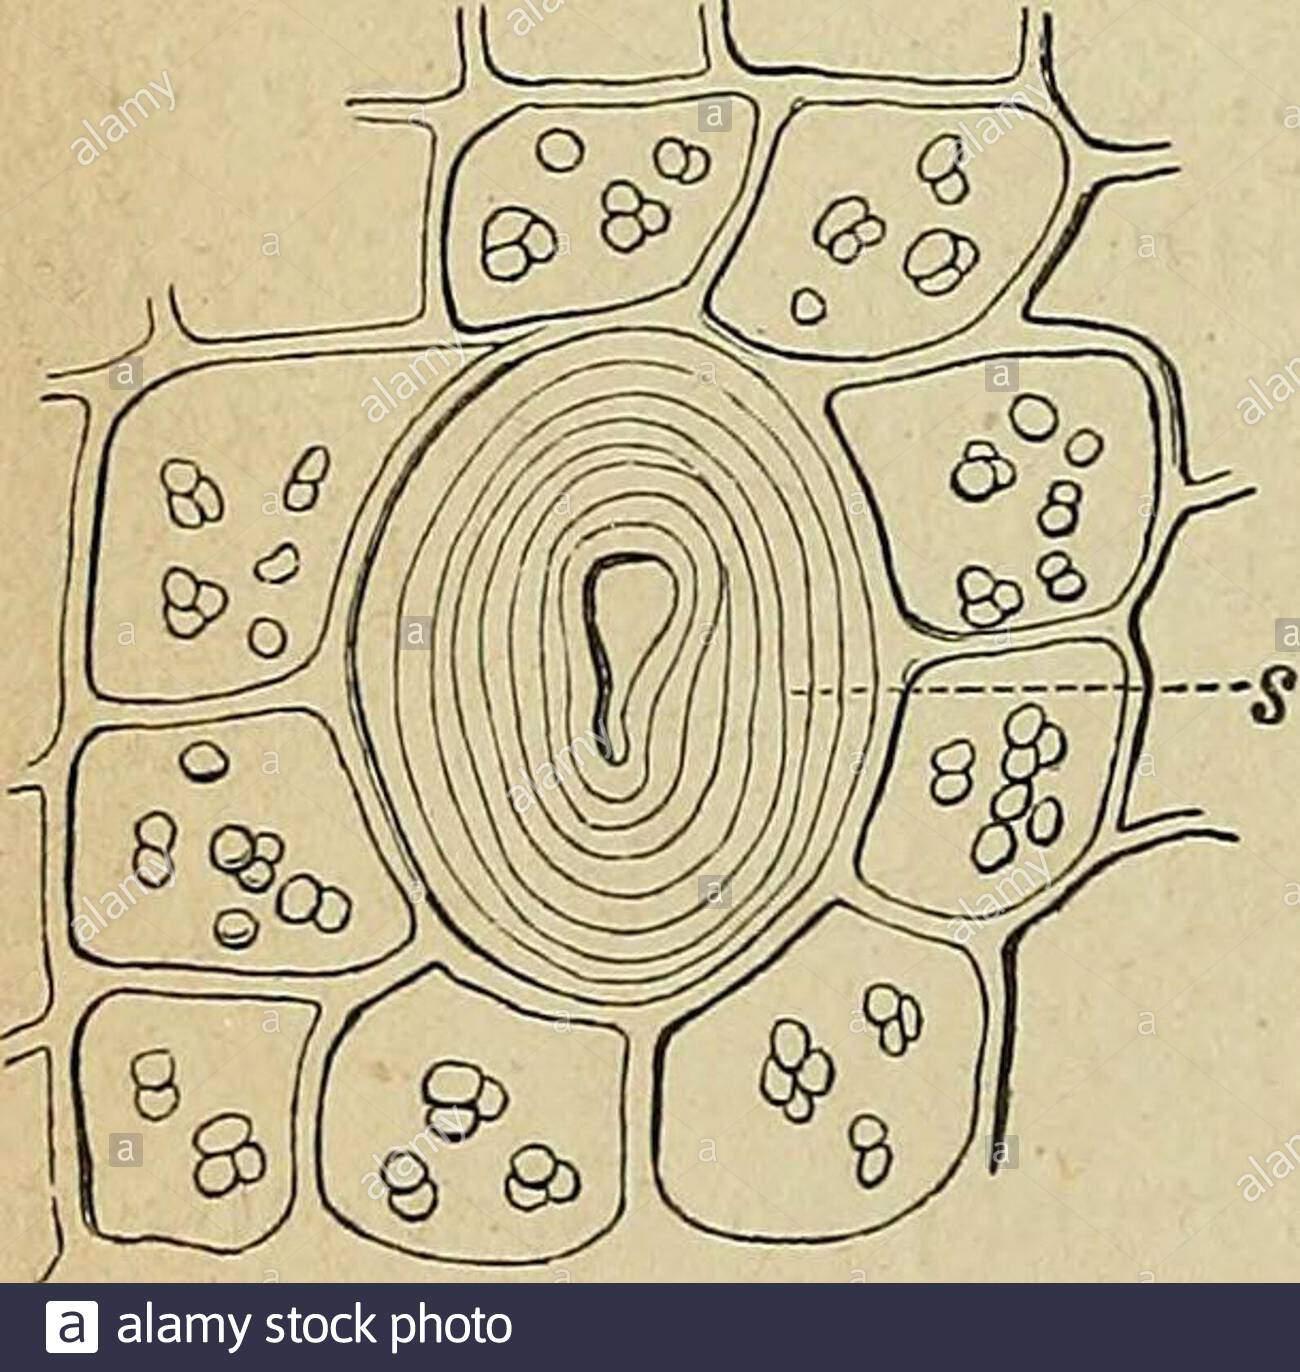 nahrungs und genussmittel aus dem pflanzenreiche anleitung zum richtigen erkennen und prfen der wichtigsten im handel vorkommenden nahrungsmittel genussmittel und gewrze mit hilfe des mikroskops zum allgemeinen sowie zum speciellen gebrauche fr apotheker droguisten sanittsbeamte industrielle etc 16 allgemeines ber den bau als eine gleichfrmige zellenhhlimg ausfllende klumpigemasse schon in kaltem wasser sofort zerfliesst zurmikrochemischen nachweisung des zuckers be nt man sichder trommerschen probe das betreffende object z b feineschnitte werden in ein uh 2AJA01P